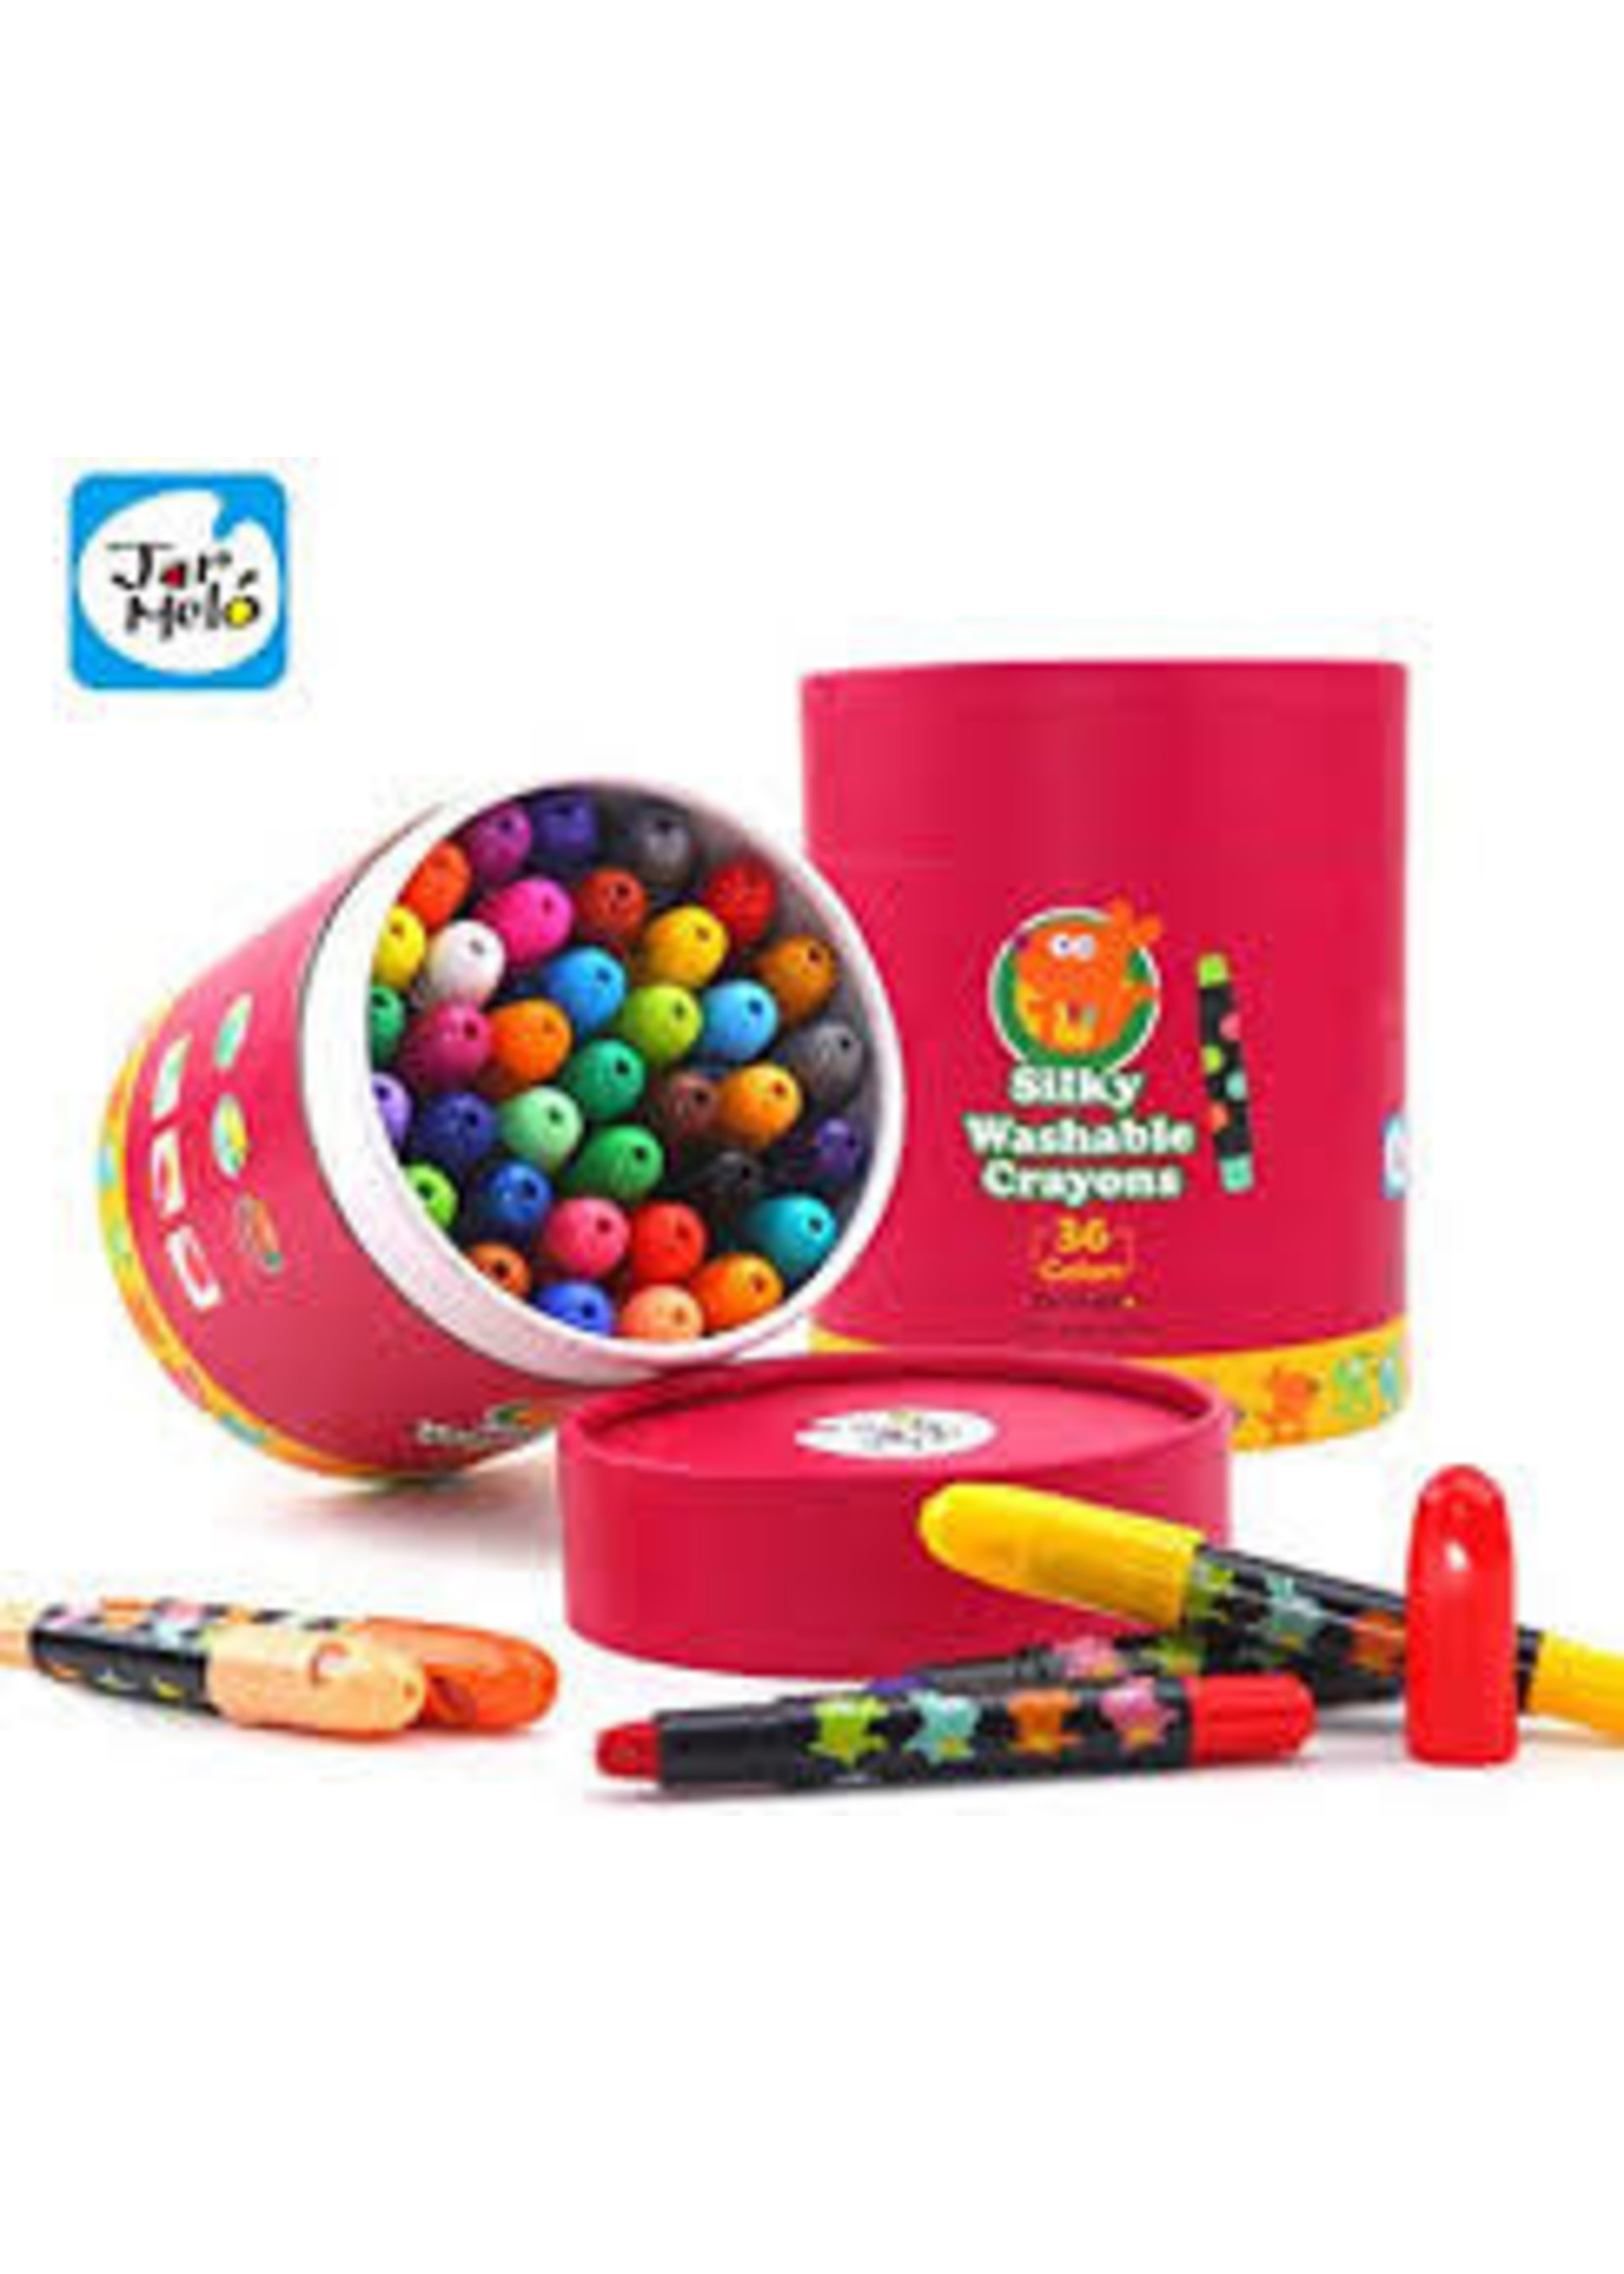 jar melo Jar Melo silky washable crayons - 36